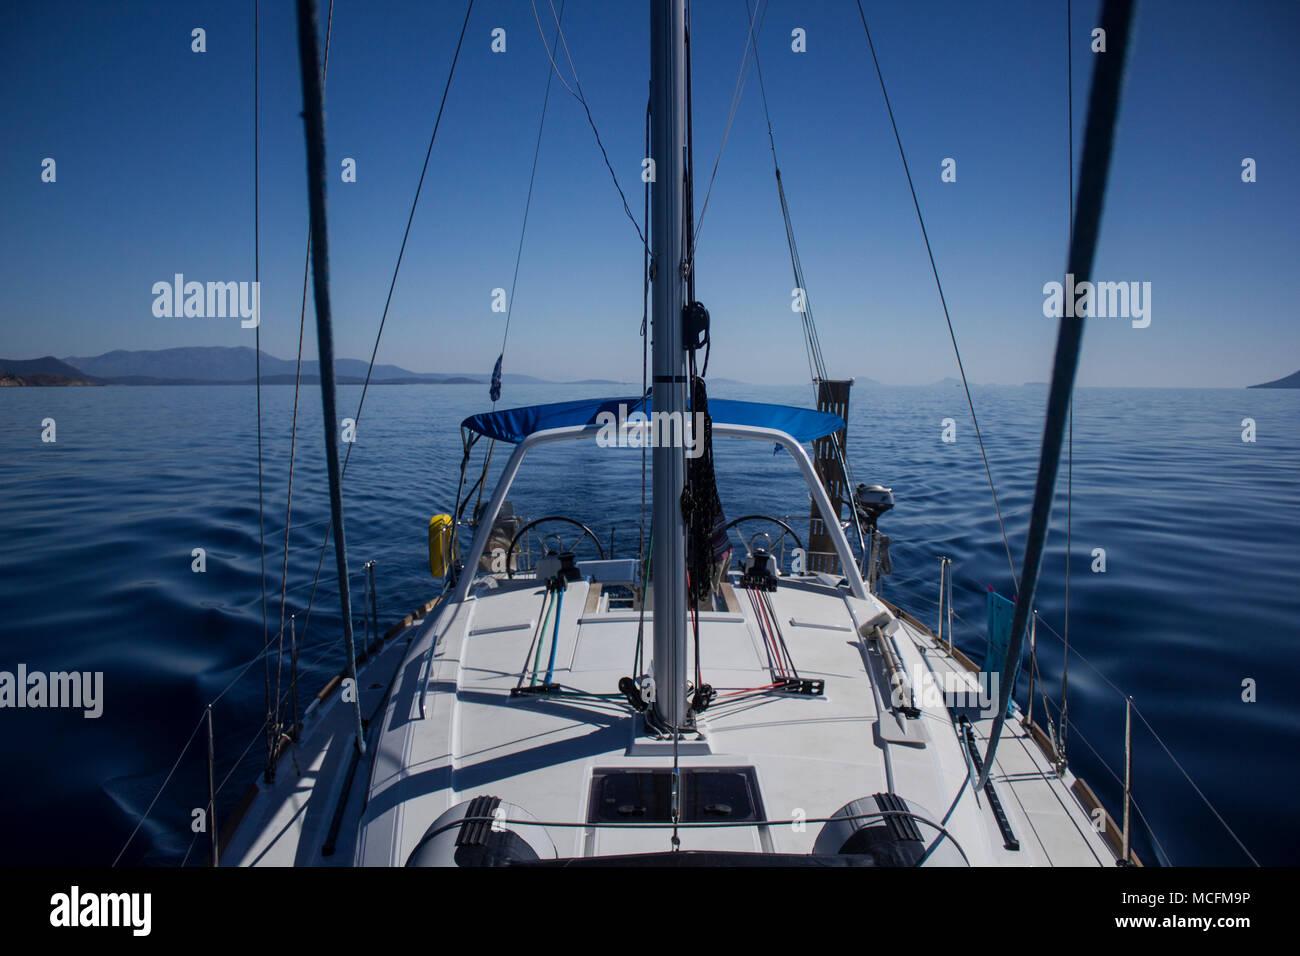 Sailing boat at sea near Ionian Islands - Stock Image